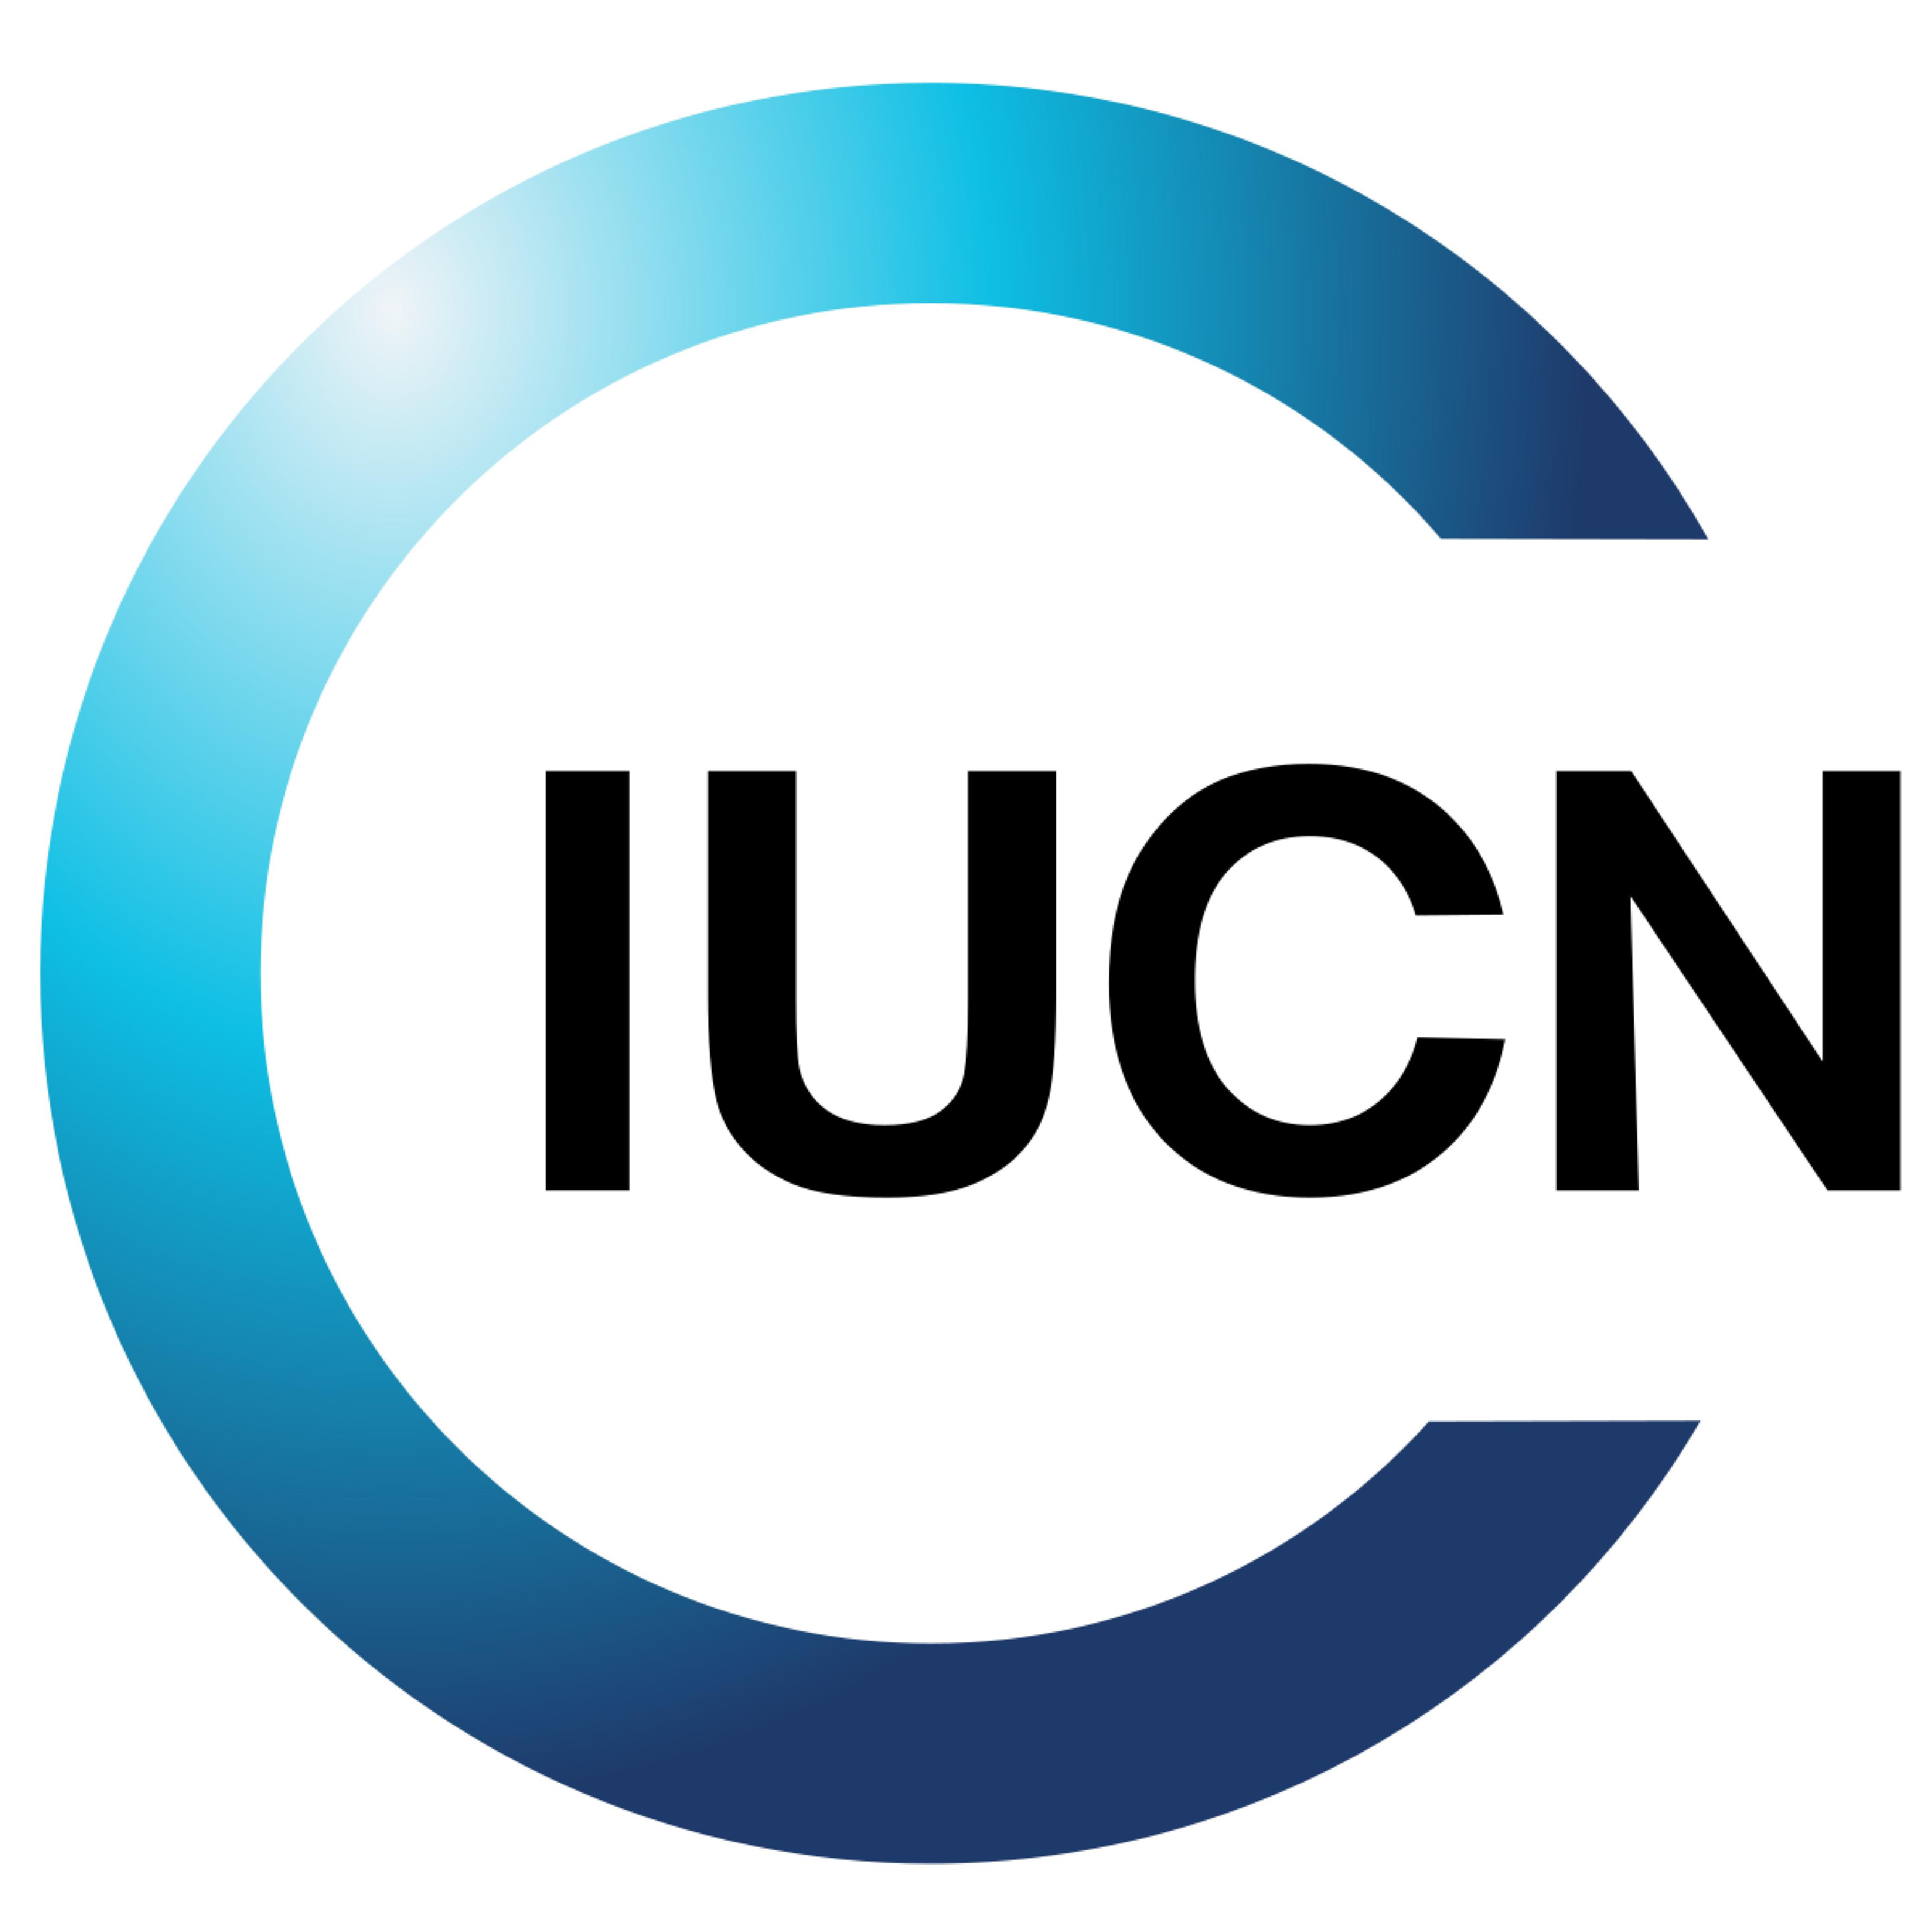 IUCN_logo-01